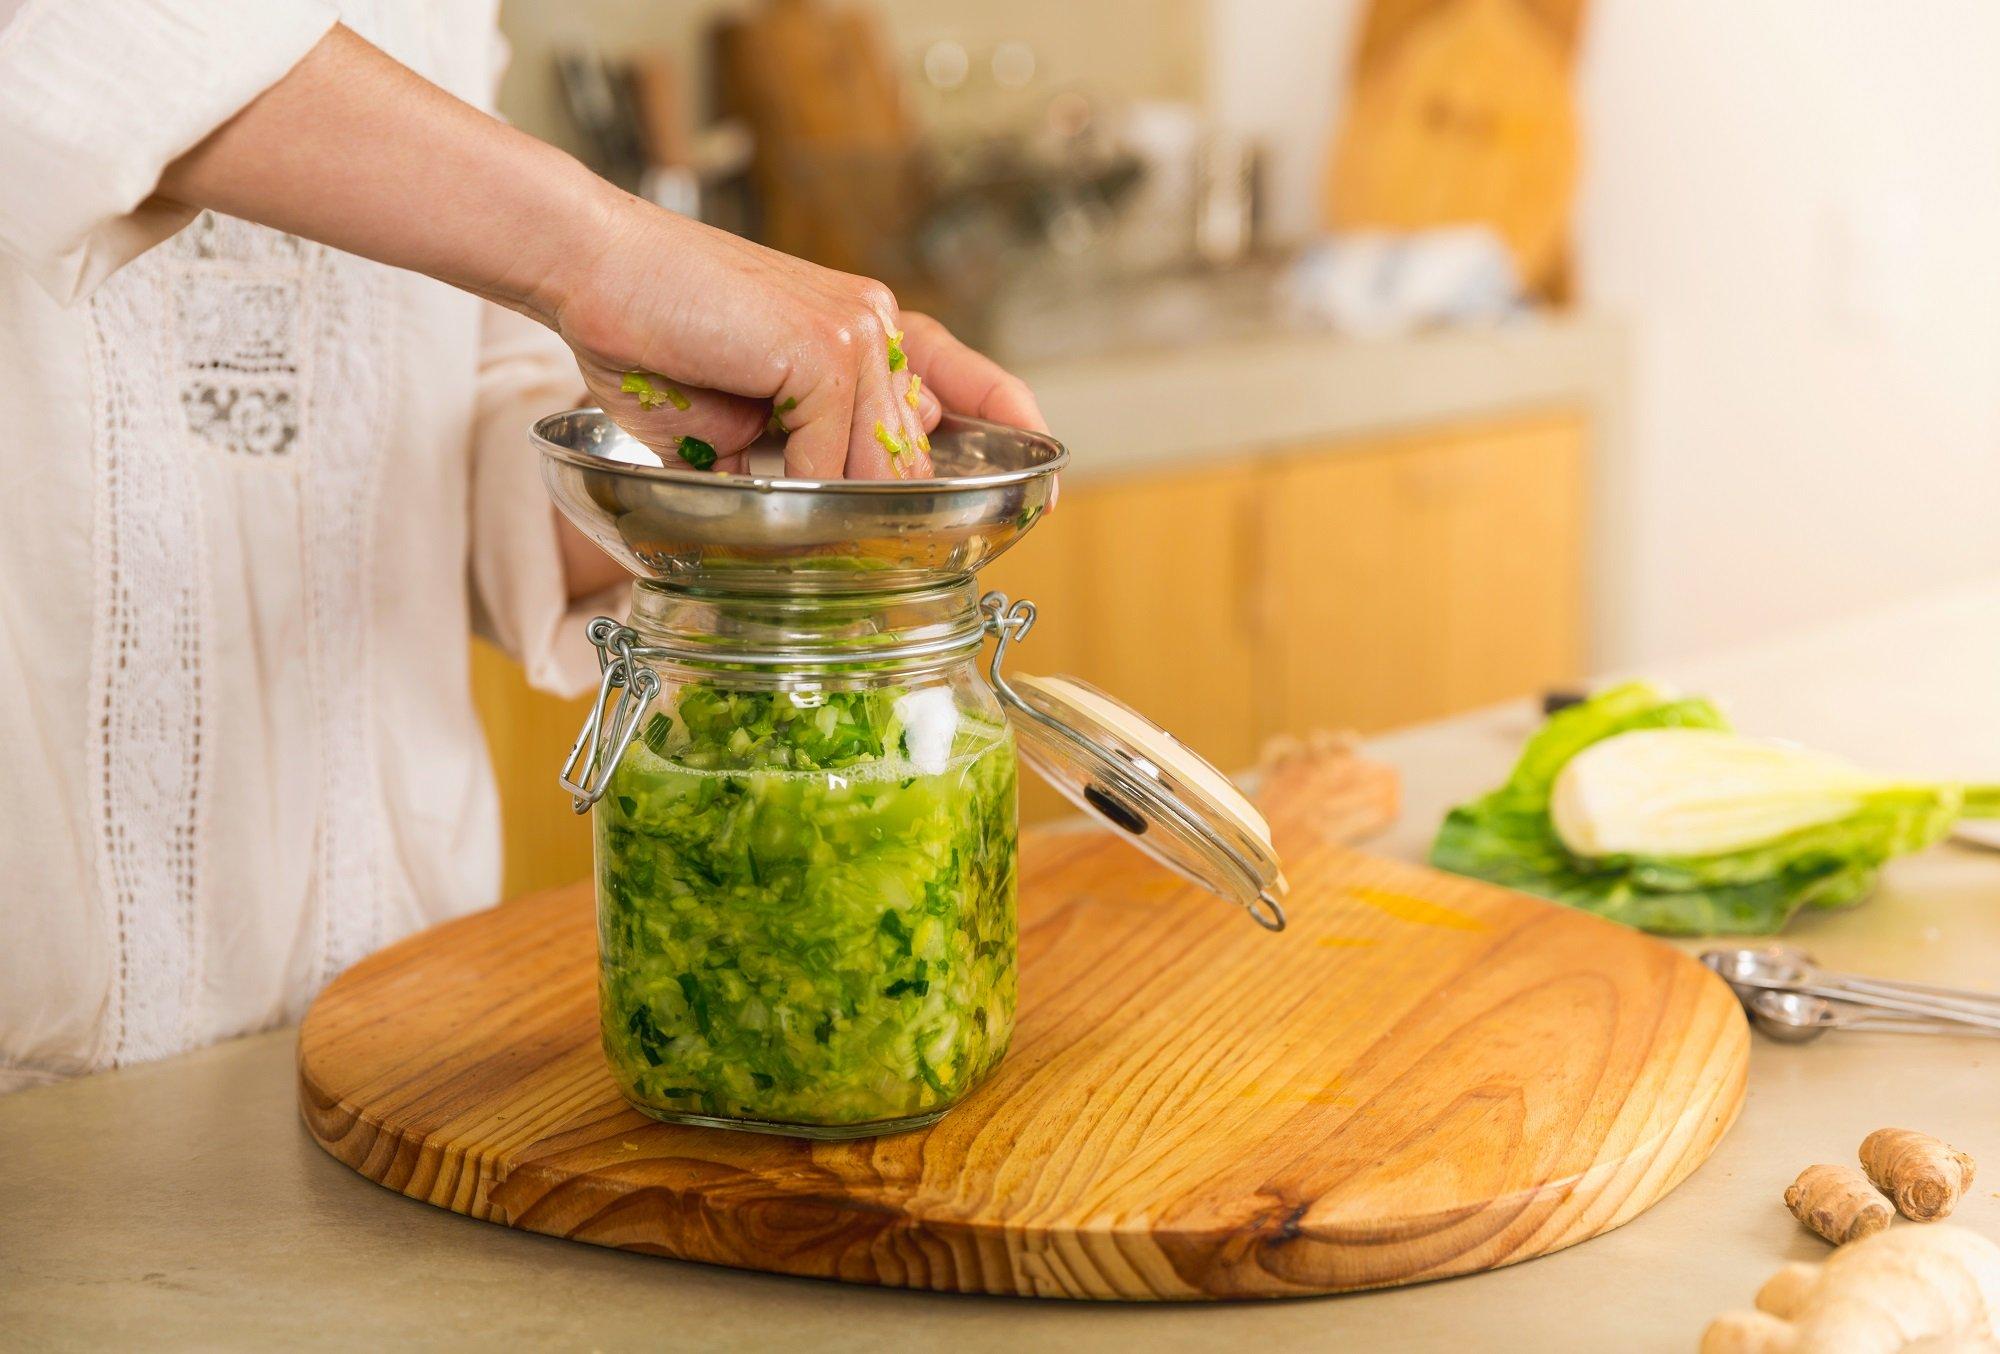 I cibi fermentati: benefici e consigli